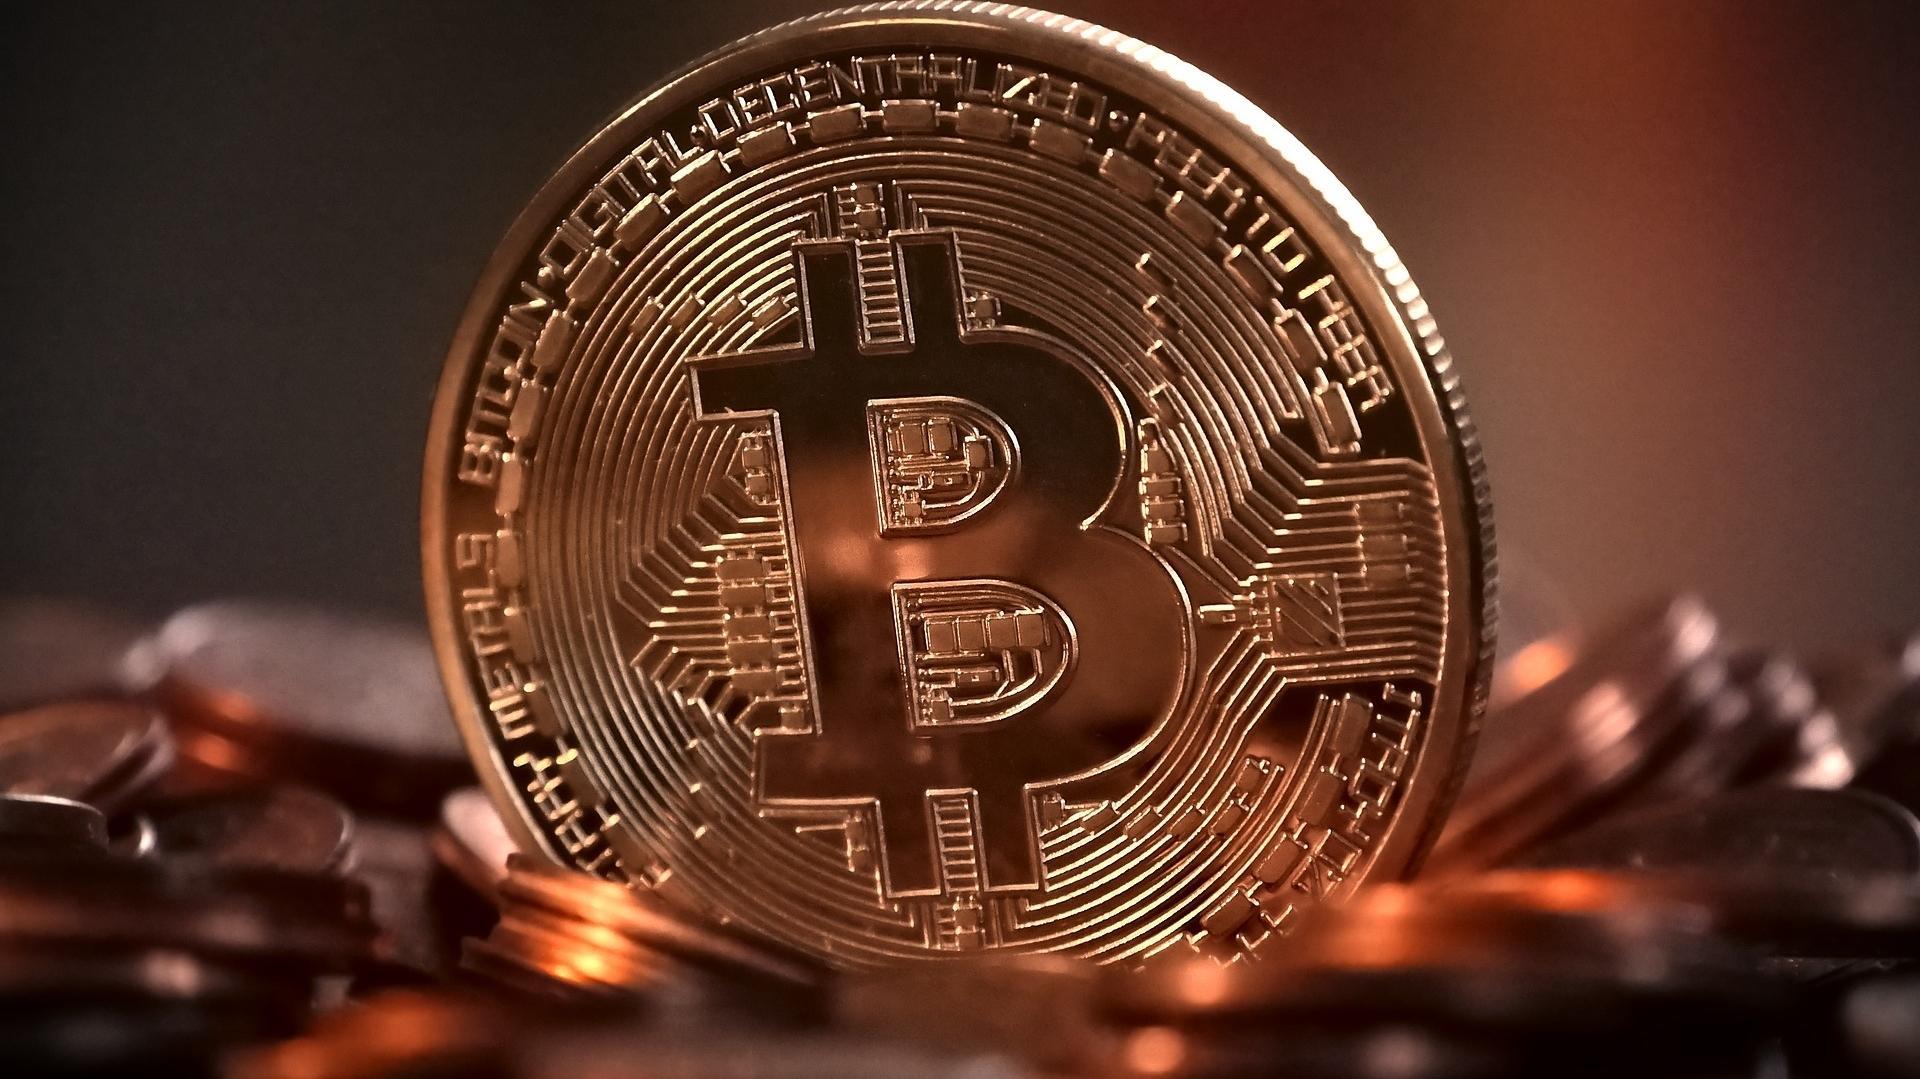 Gute website zur verfolgung des handels mit kryptowährungen